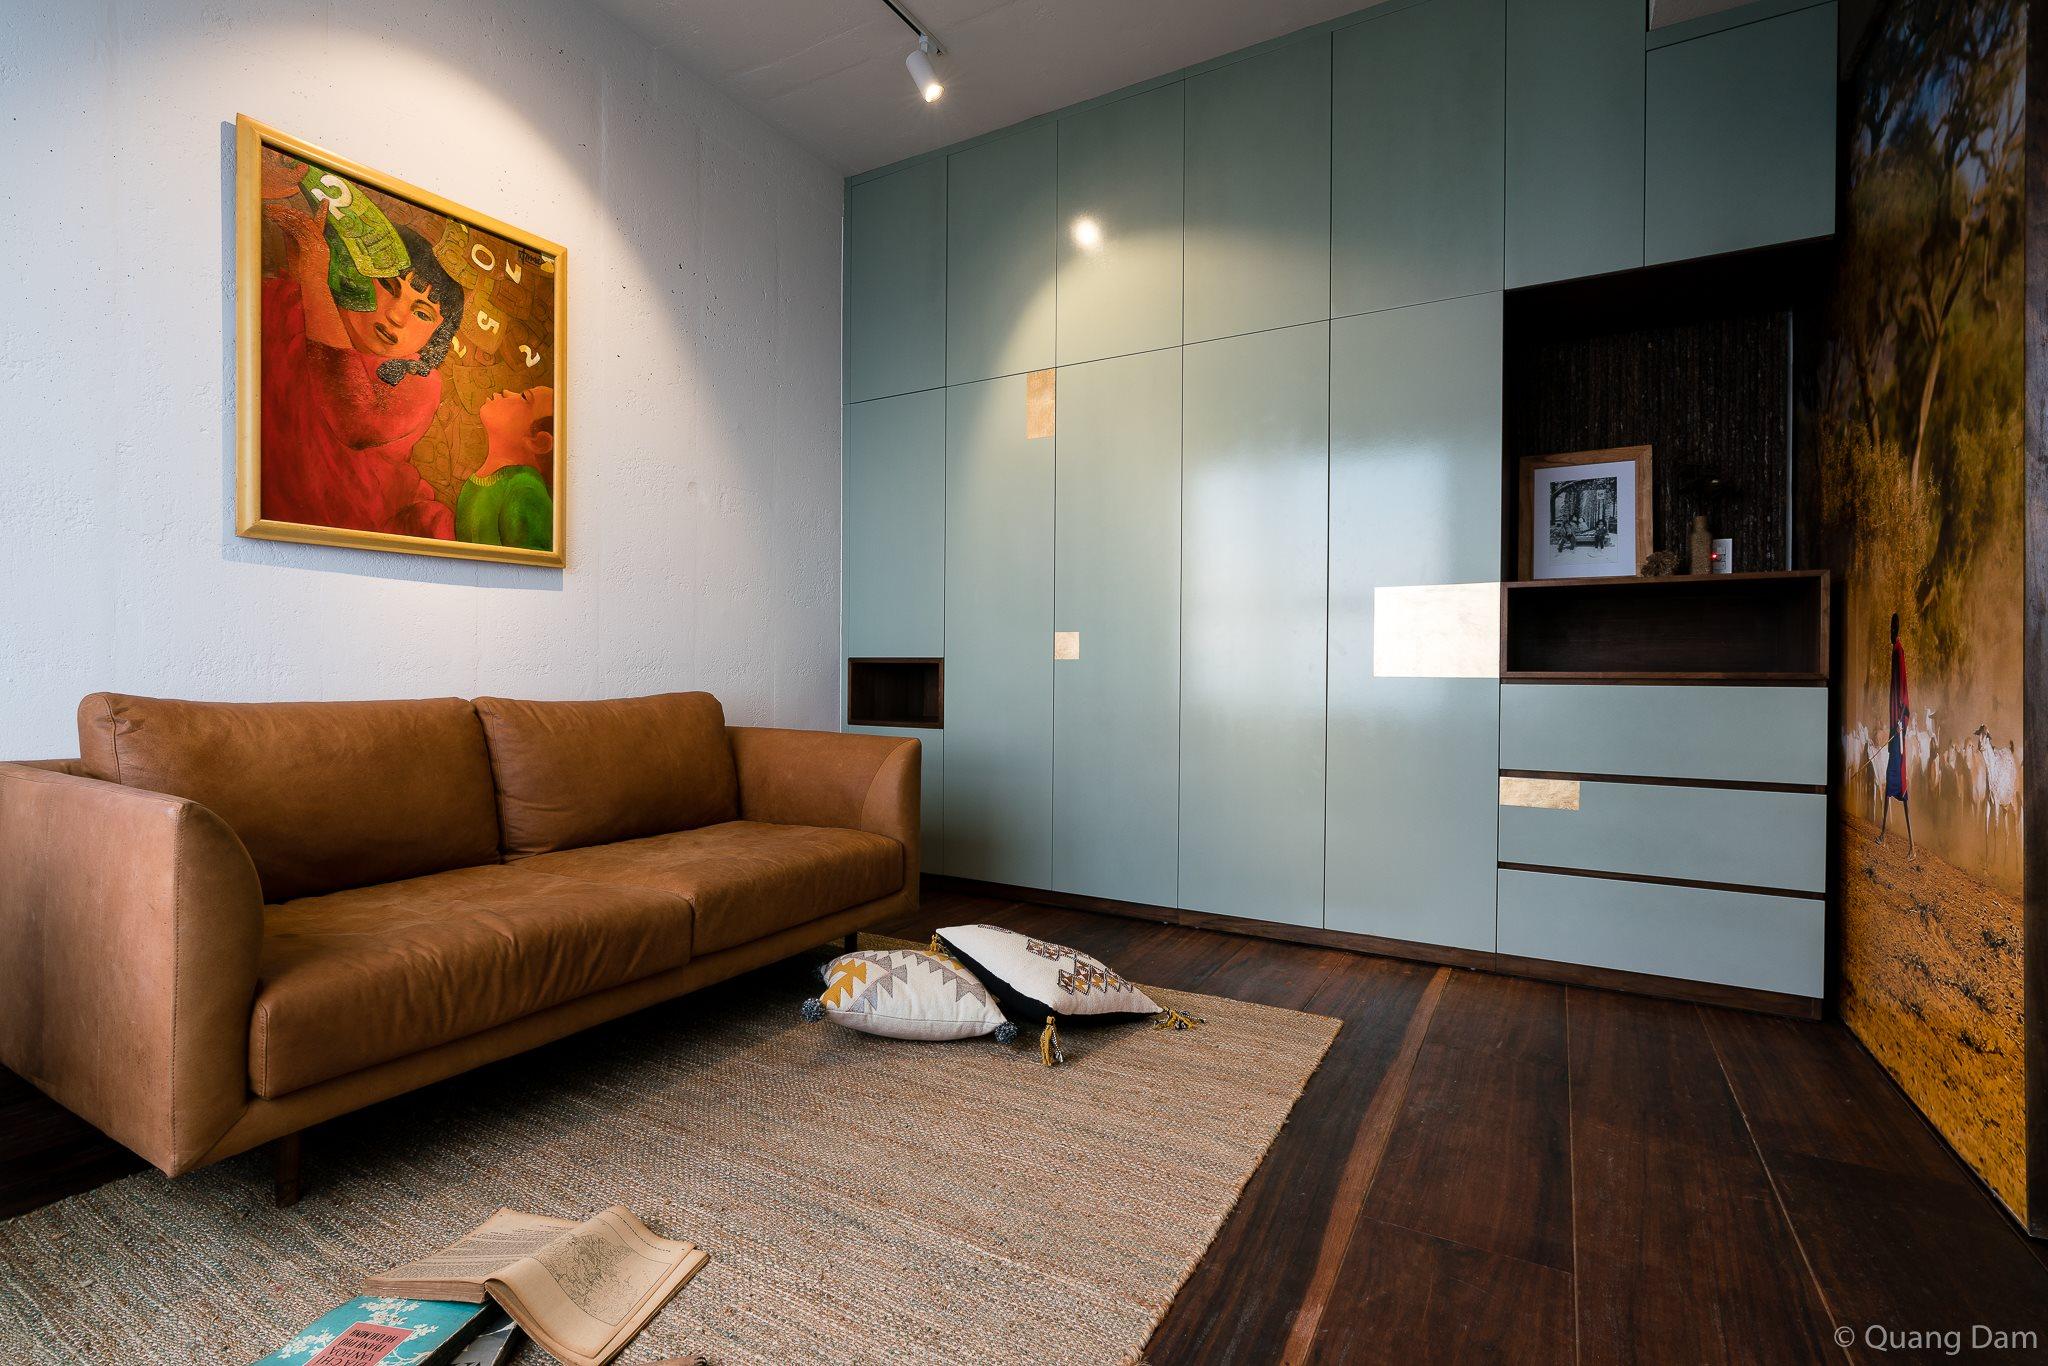 Nội thất căn hộ 1 phòng ngủ với điểm nhấn gỗ và cây xanh - Nhà Đẹp Số (8)